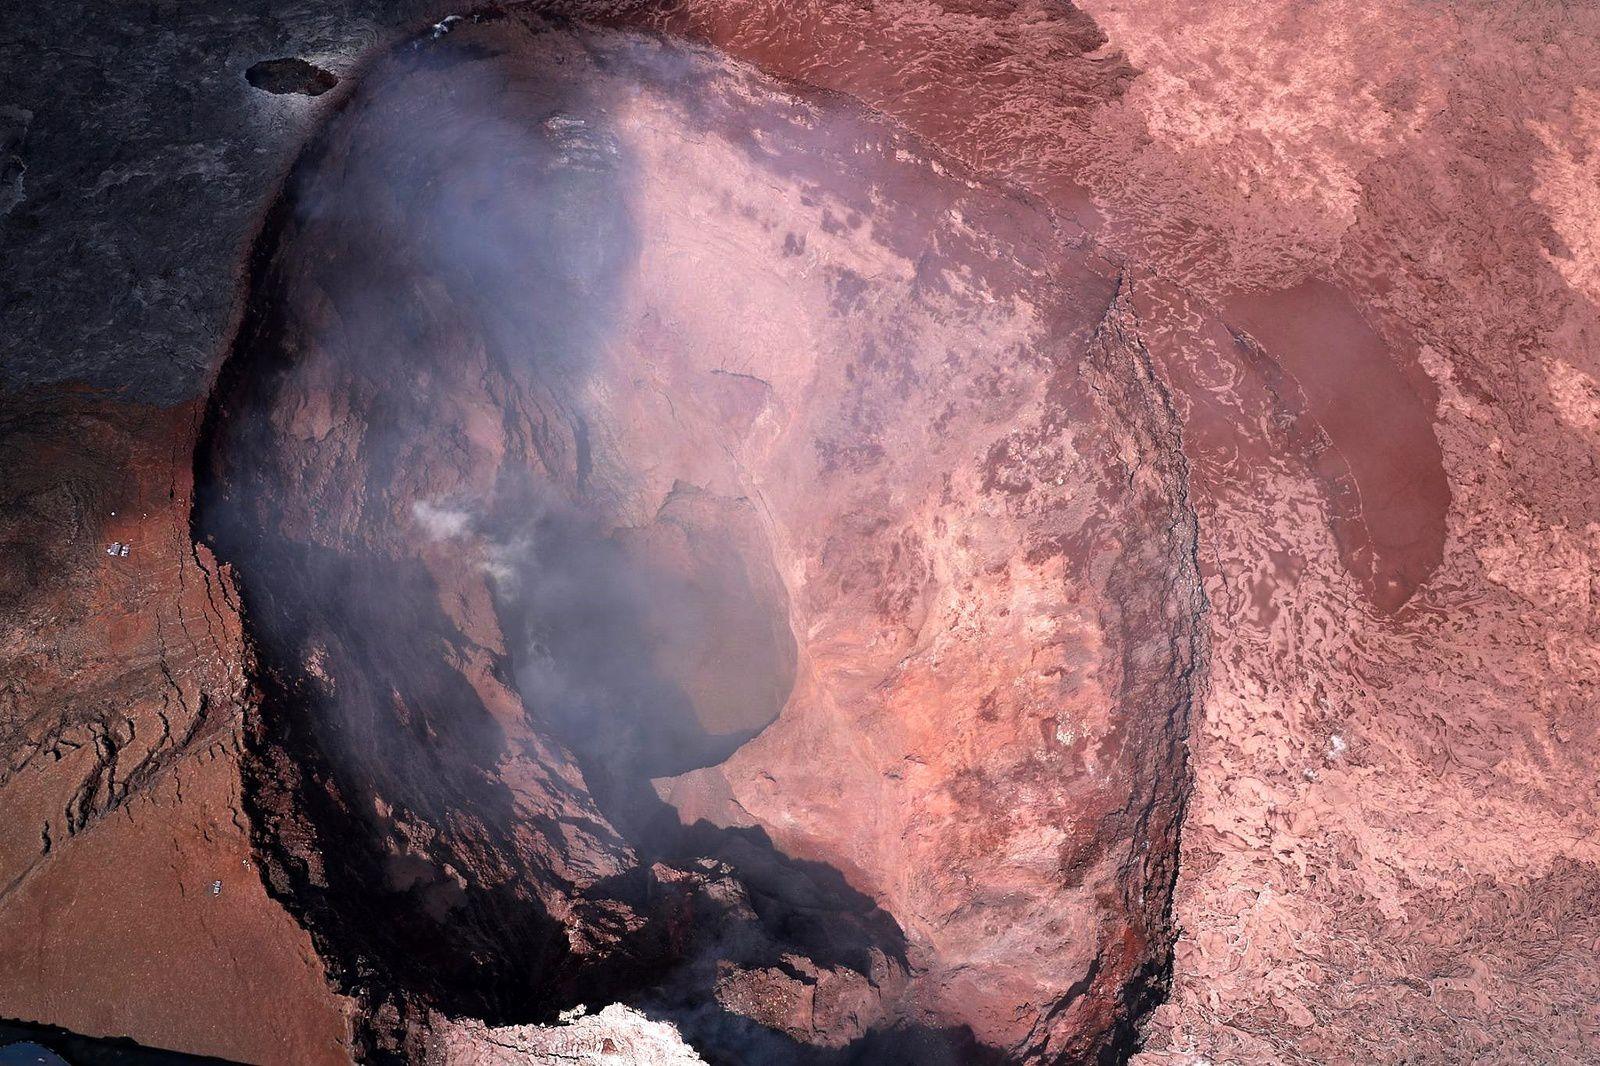 Dernière photo du cratère du Pu'u O'o post-effondrement et vidange du lac de lave  - doc. USGS